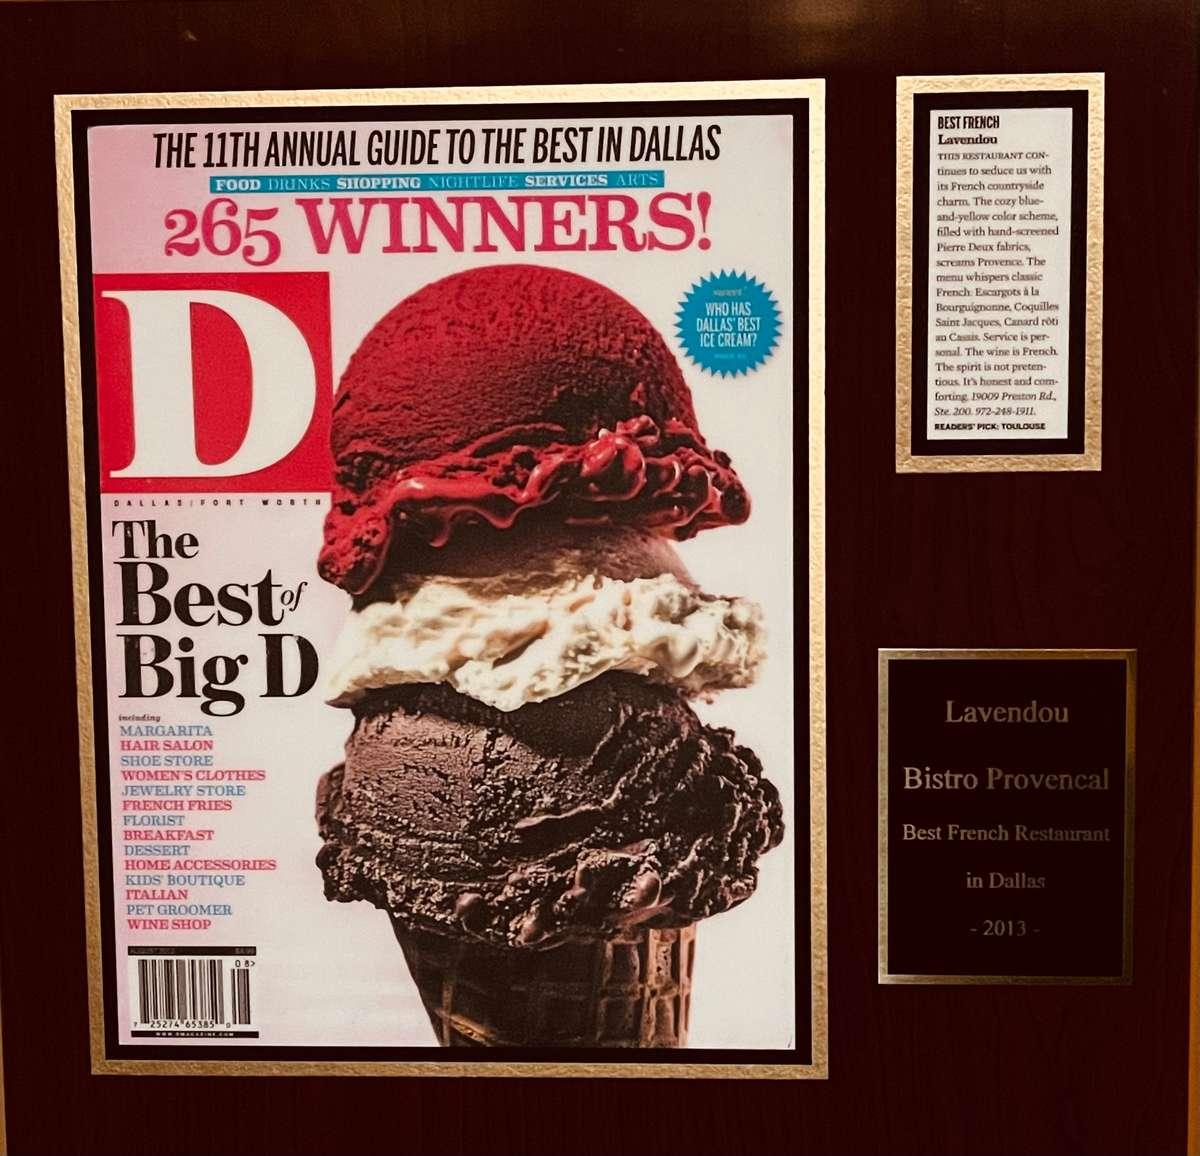 Best French Restaurant in Dallas 2012